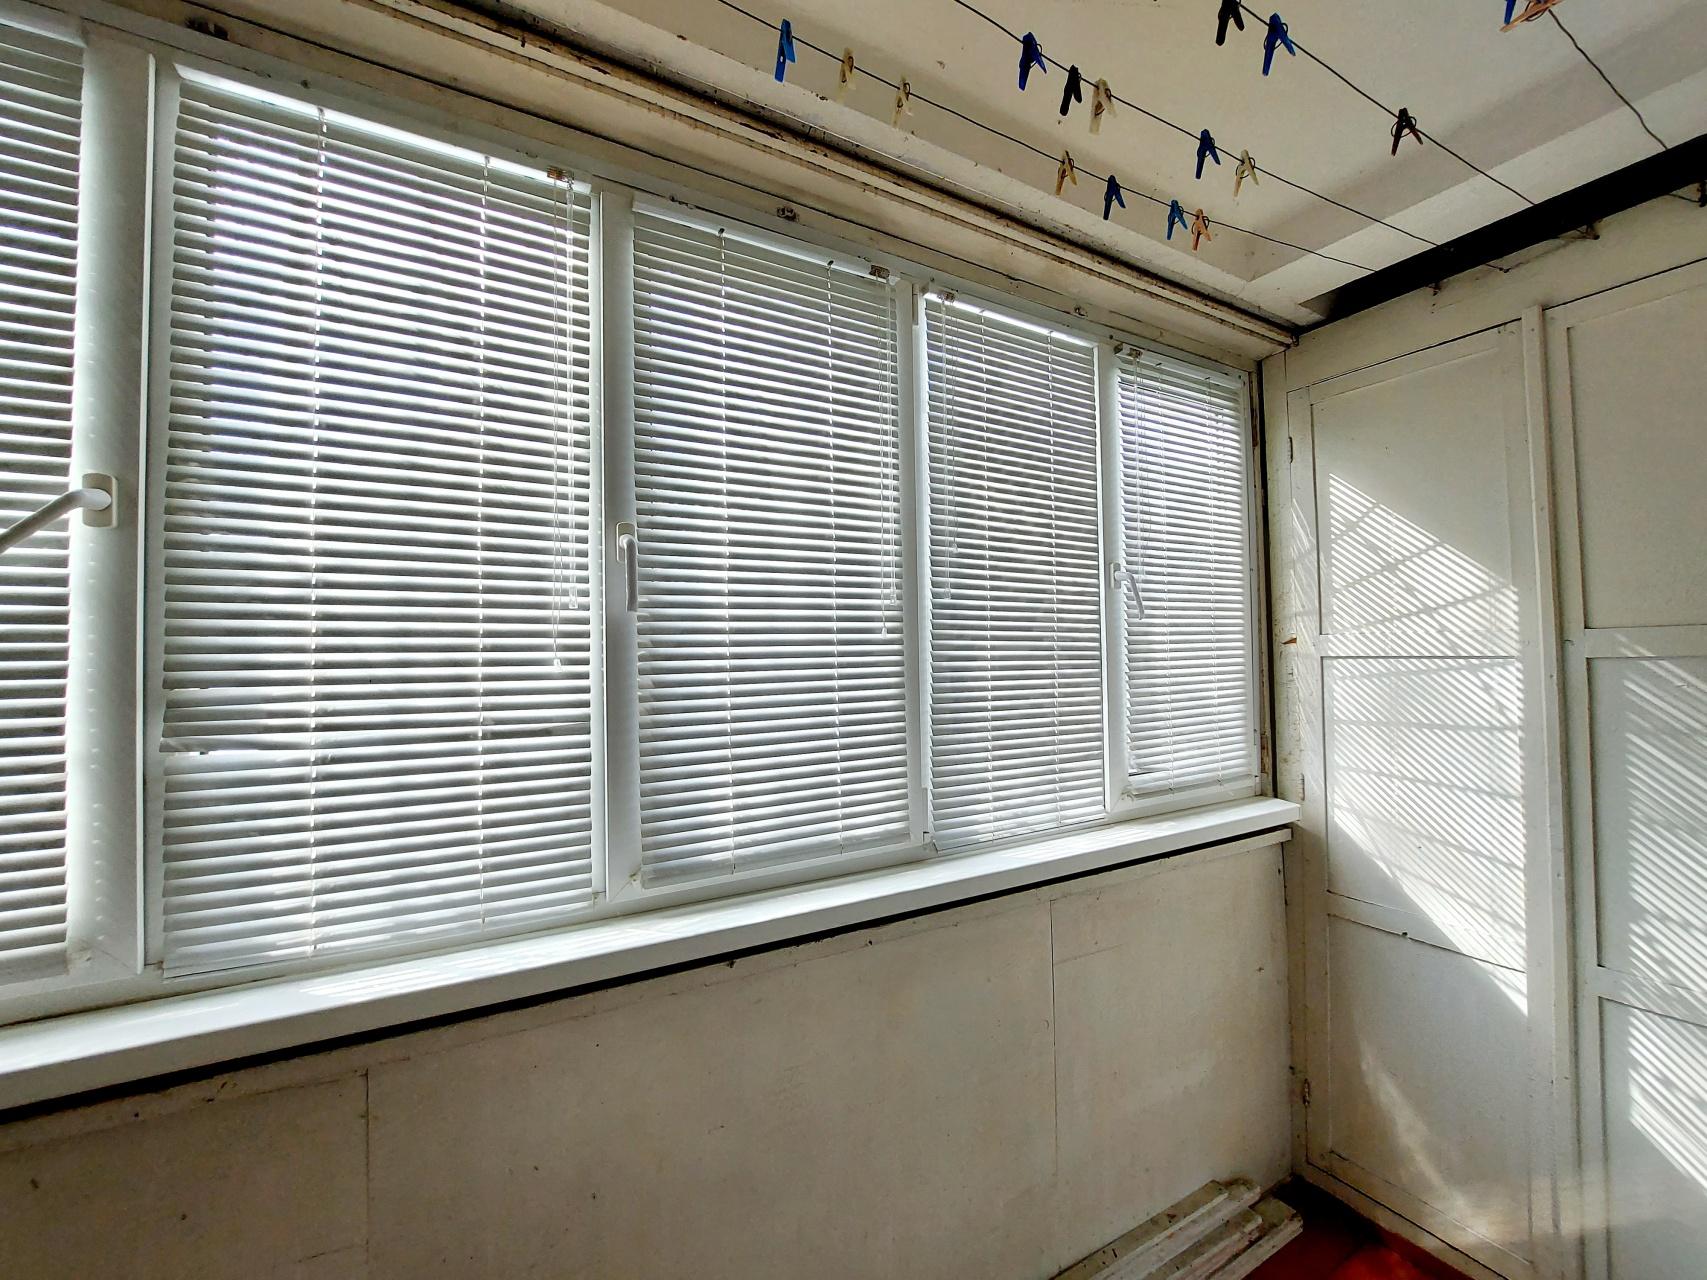 Квартира 4 комнатная в г. Майкоп район